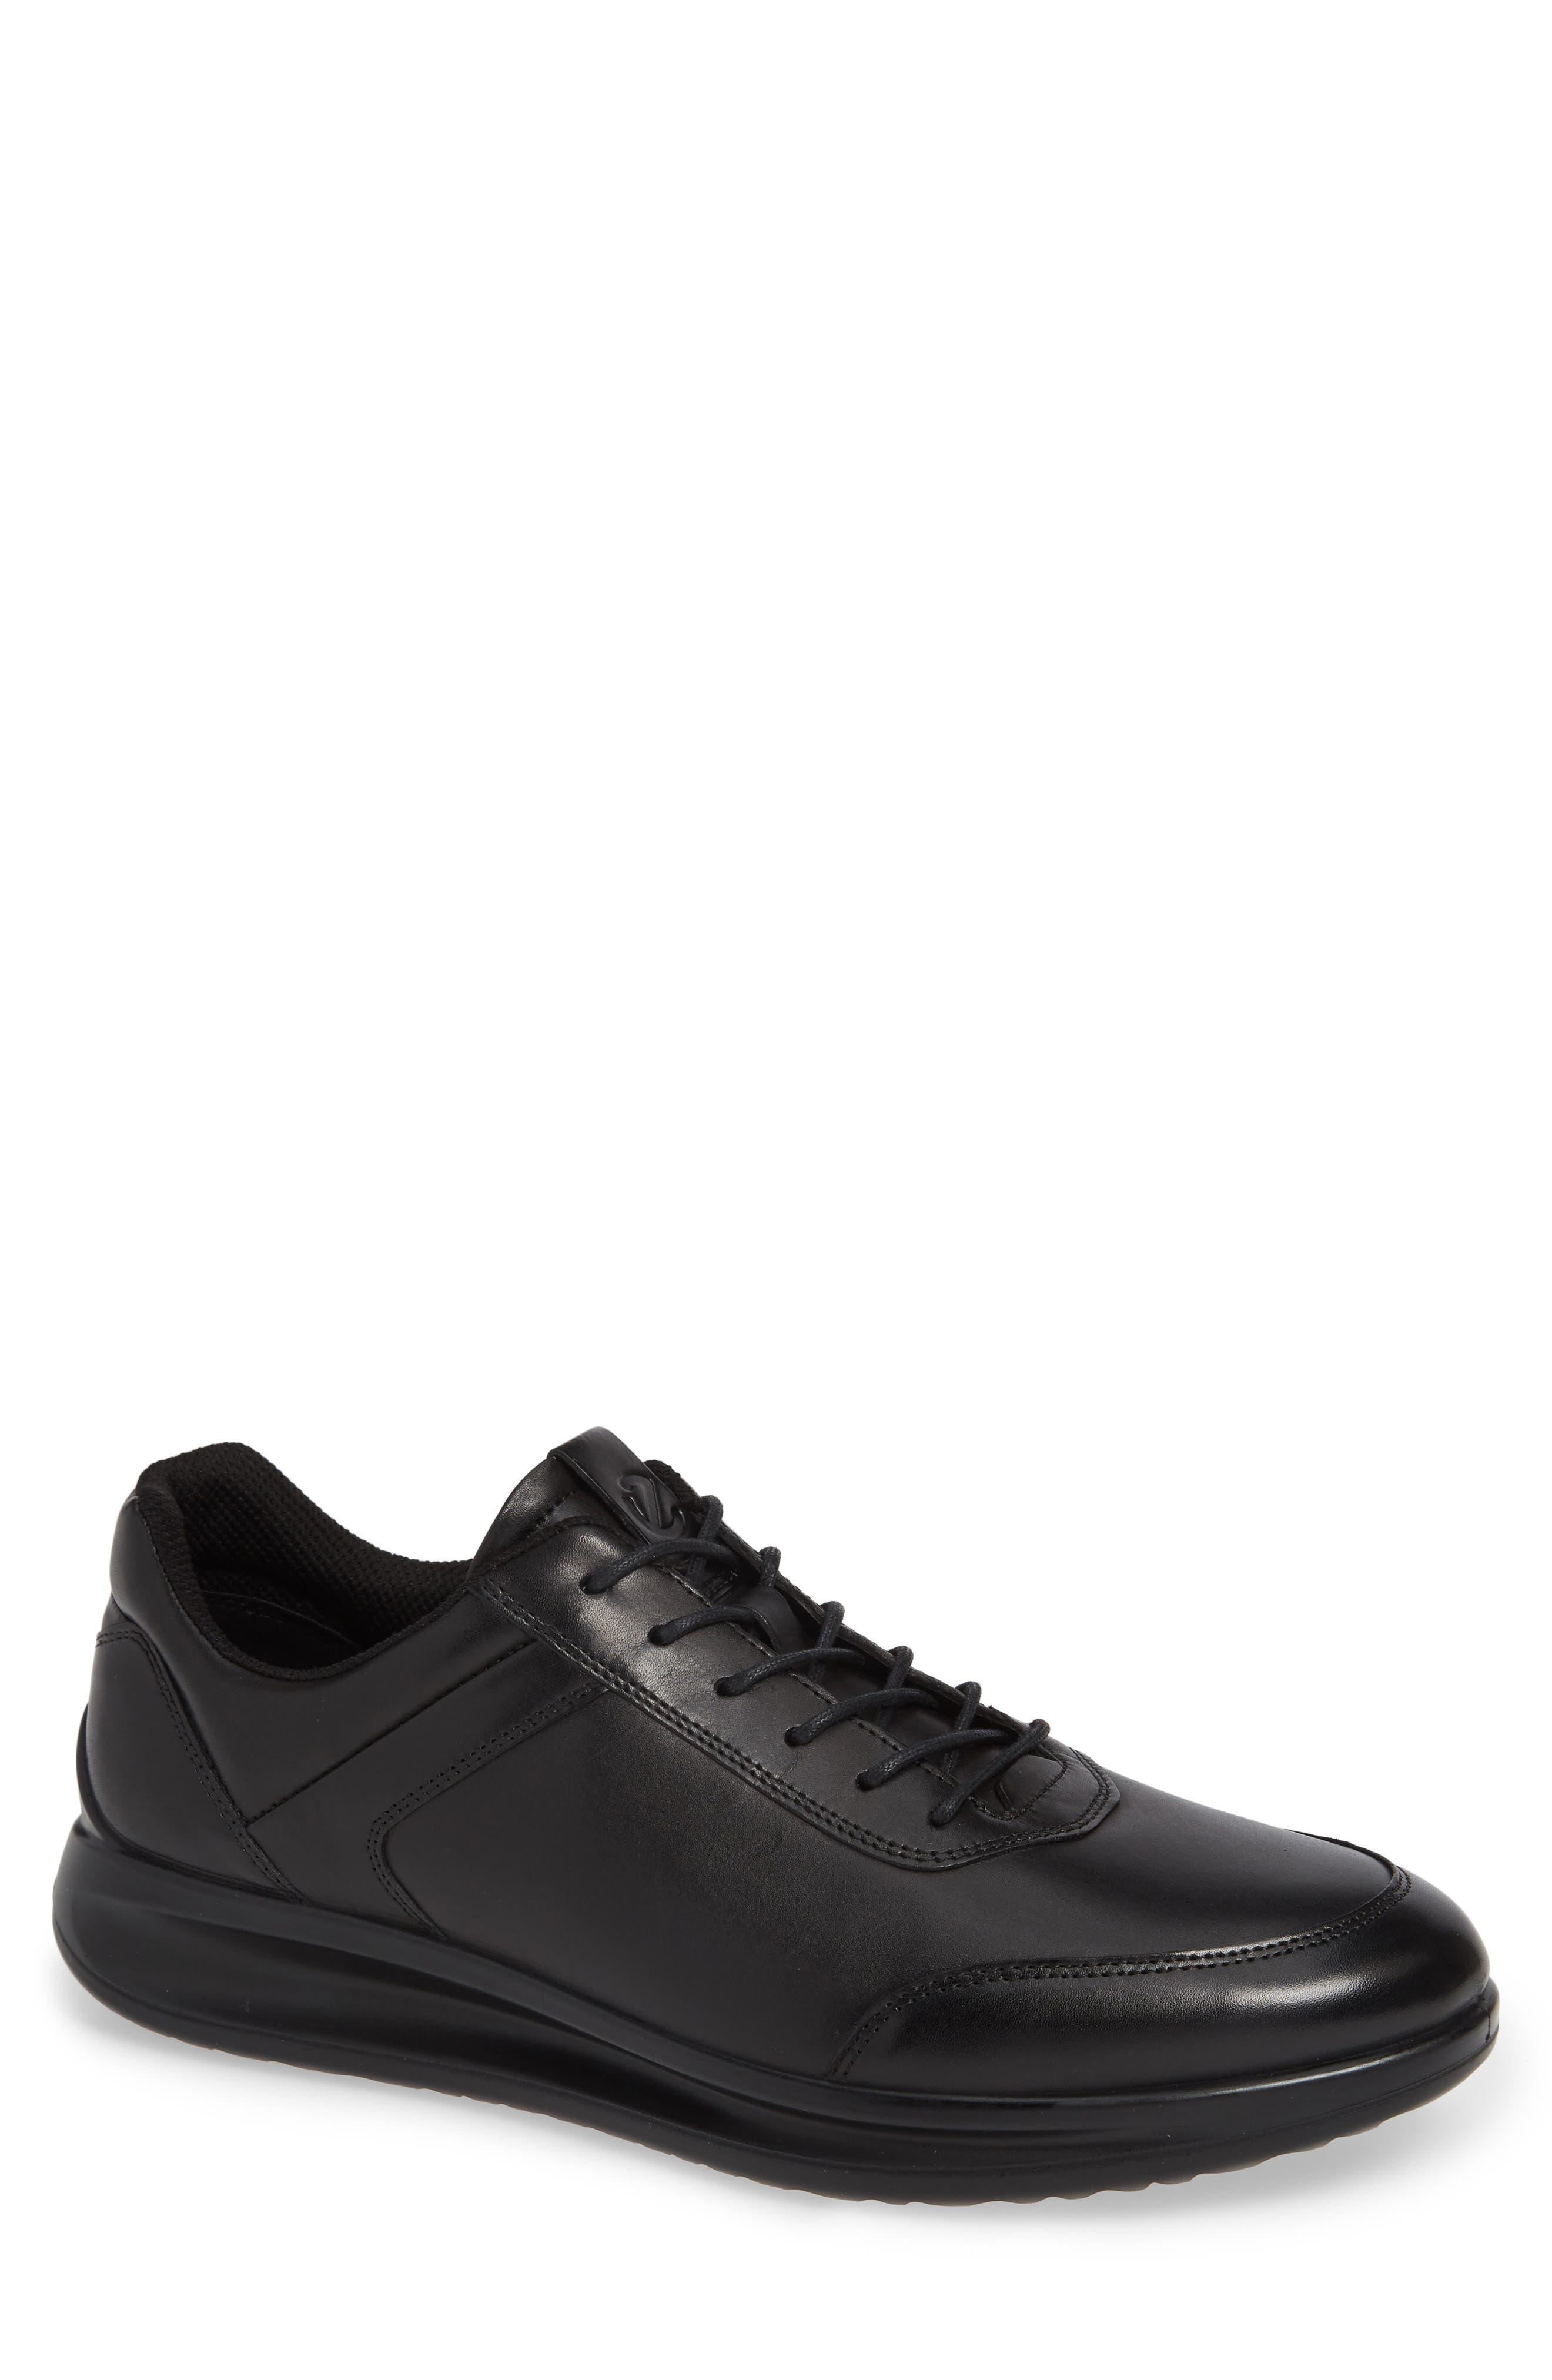 Aquet Low Top Sneaker,                             Main thumbnail 1, color,                             BLACK LEATHER